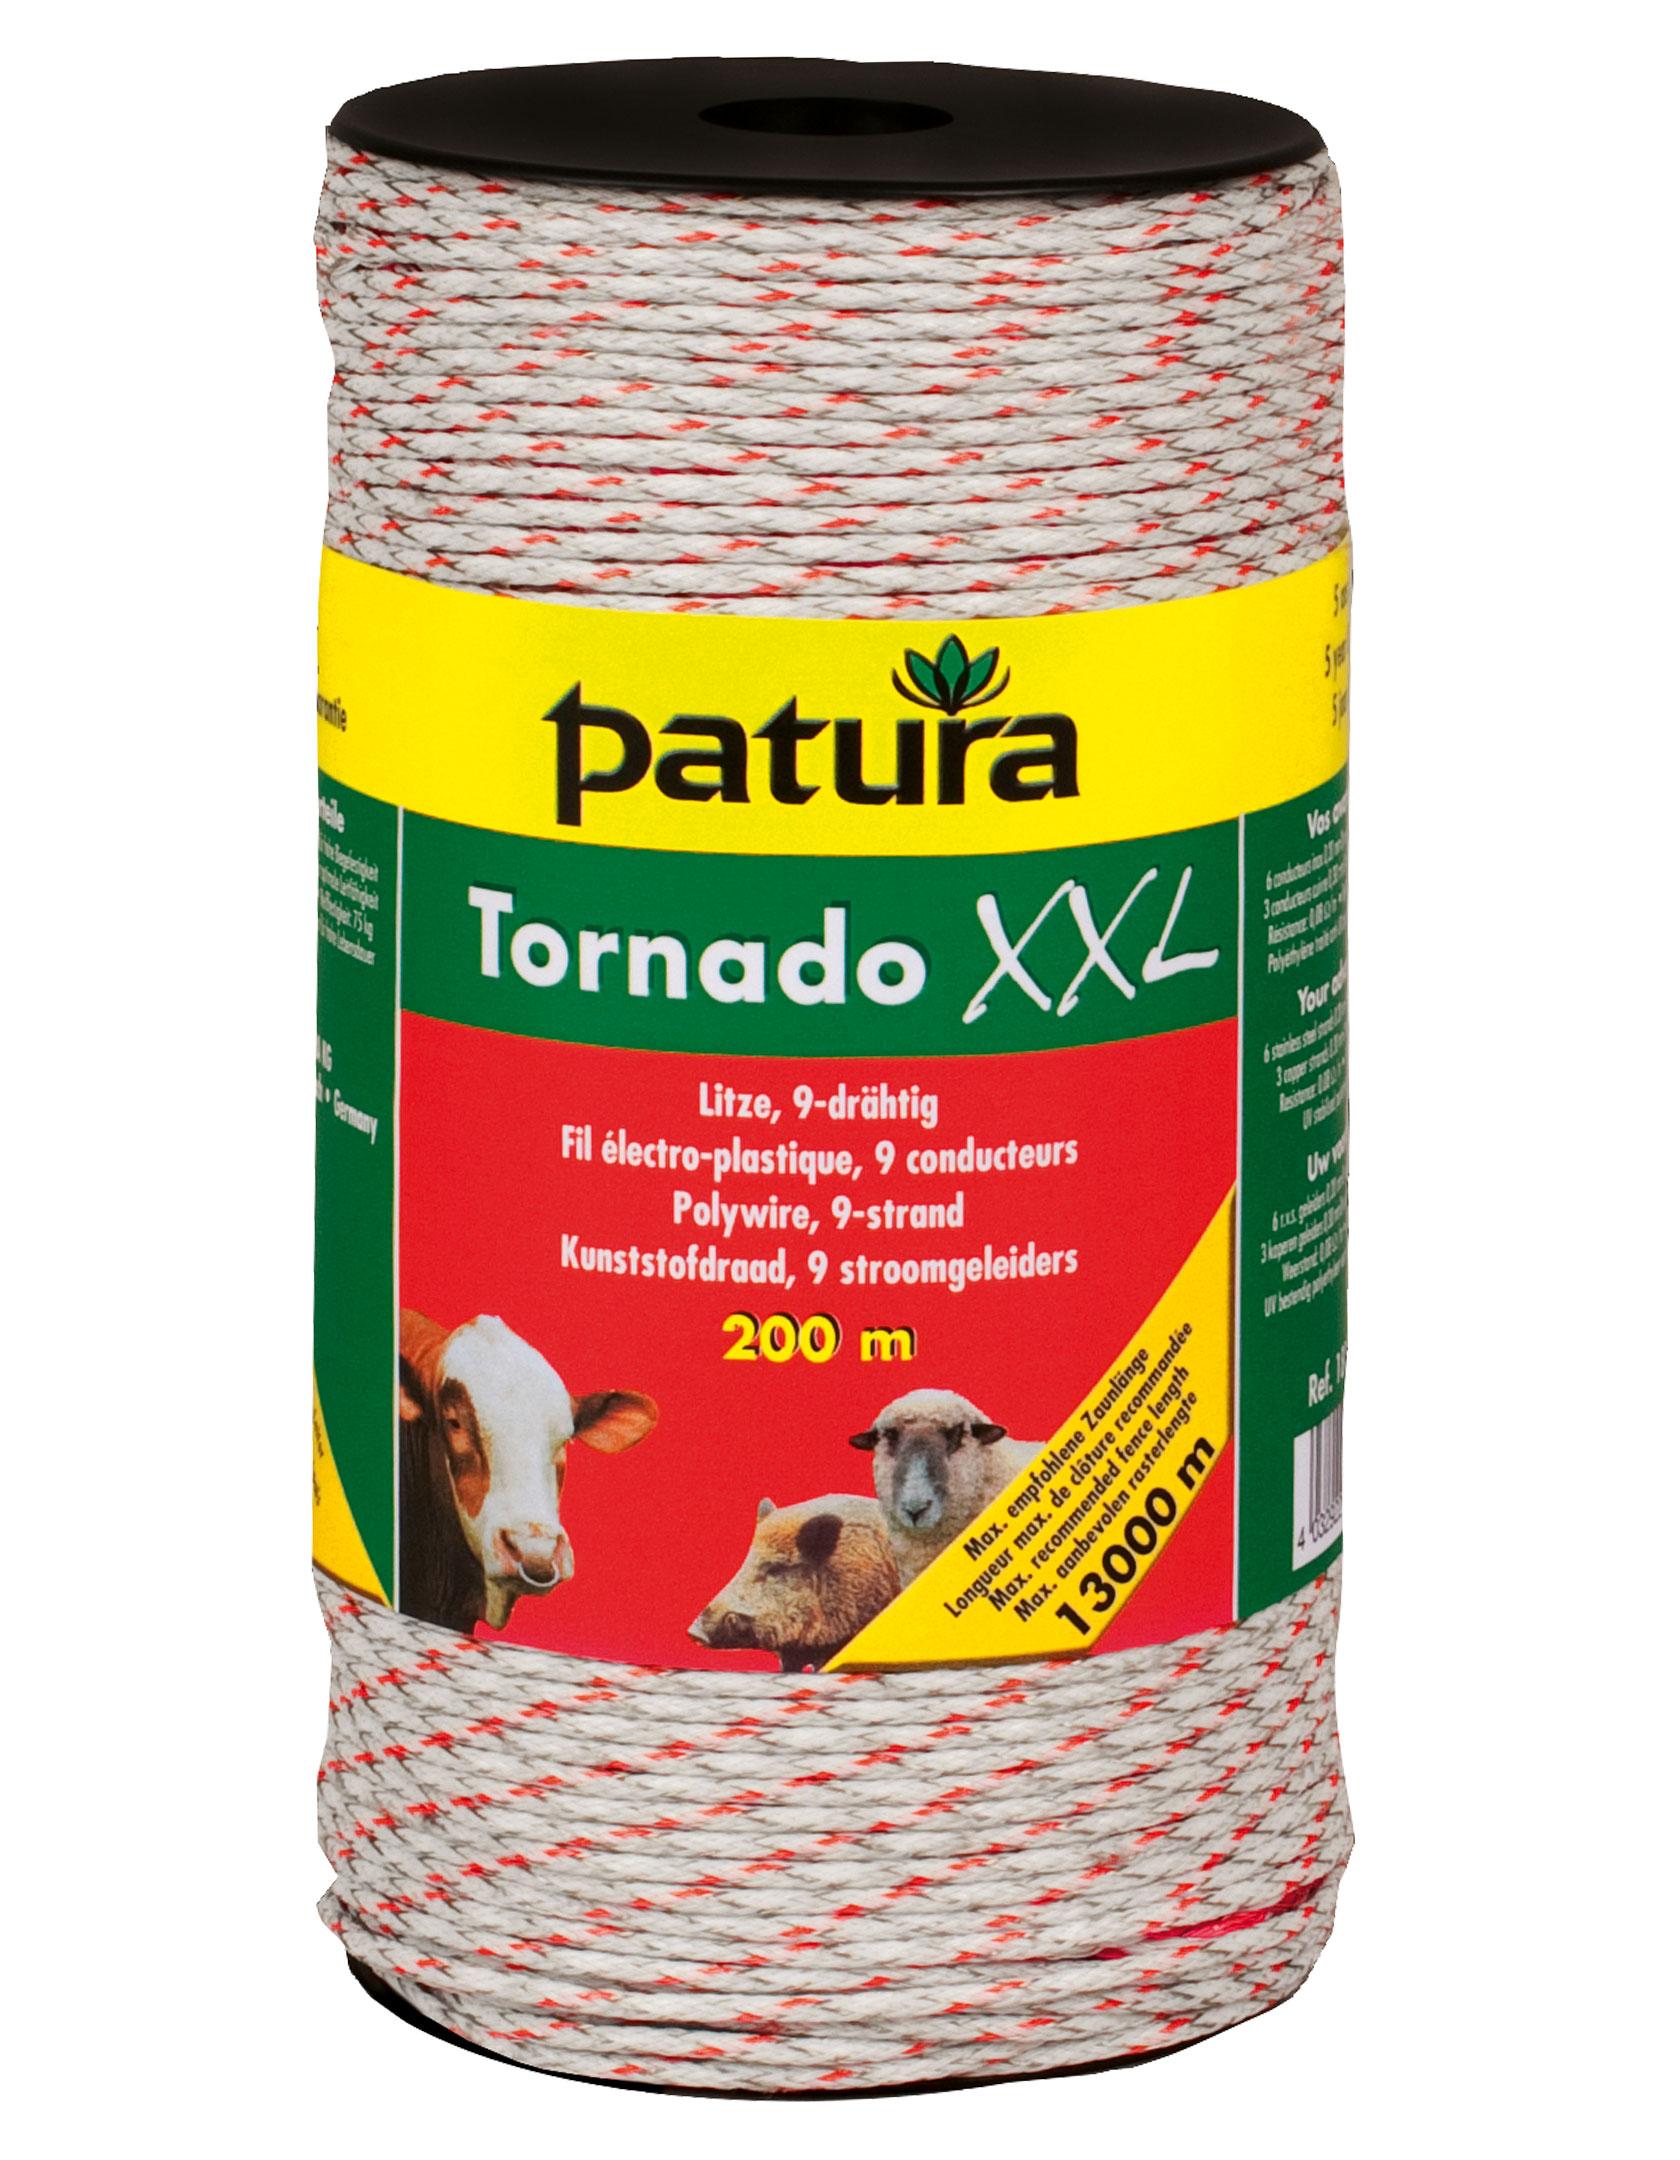 PATURA Tornado XXL Litze - 200 m